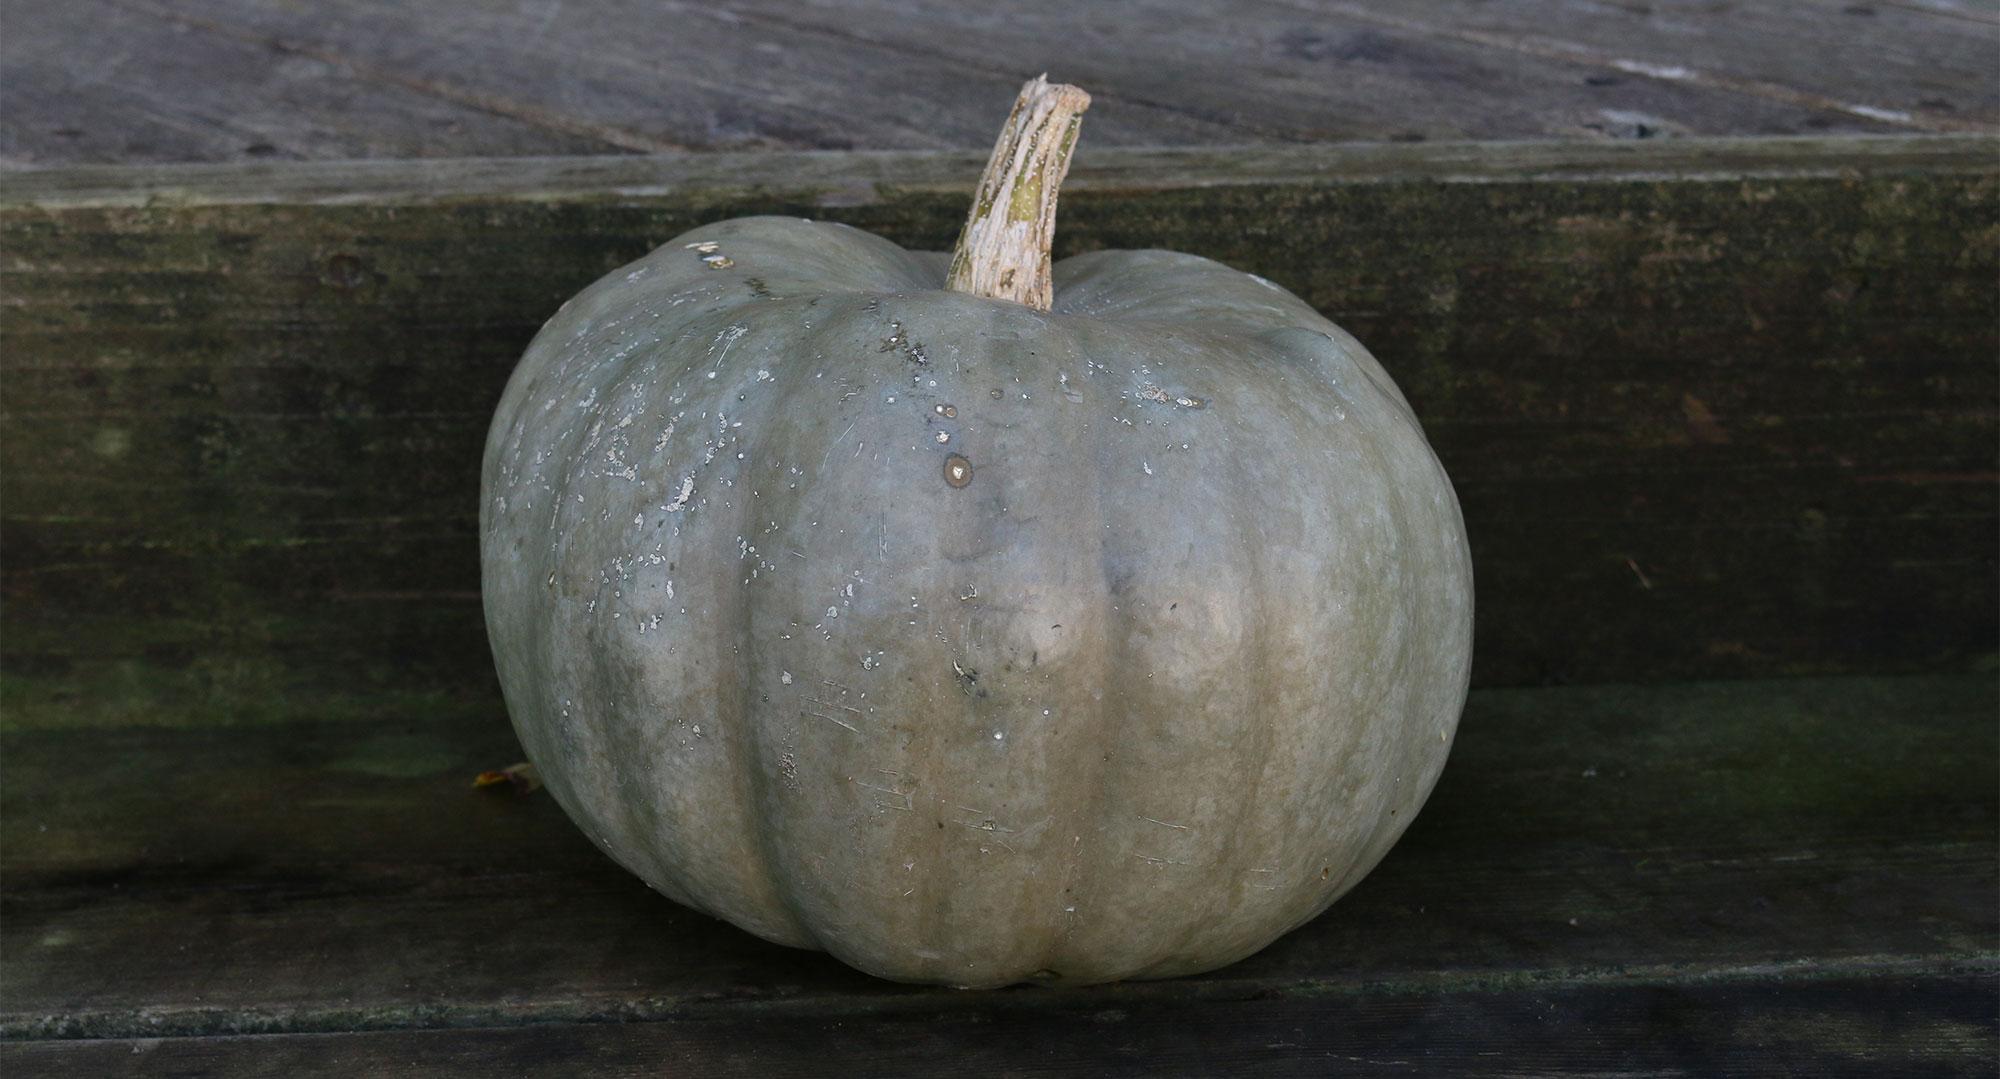 Australian Blue pumpkin